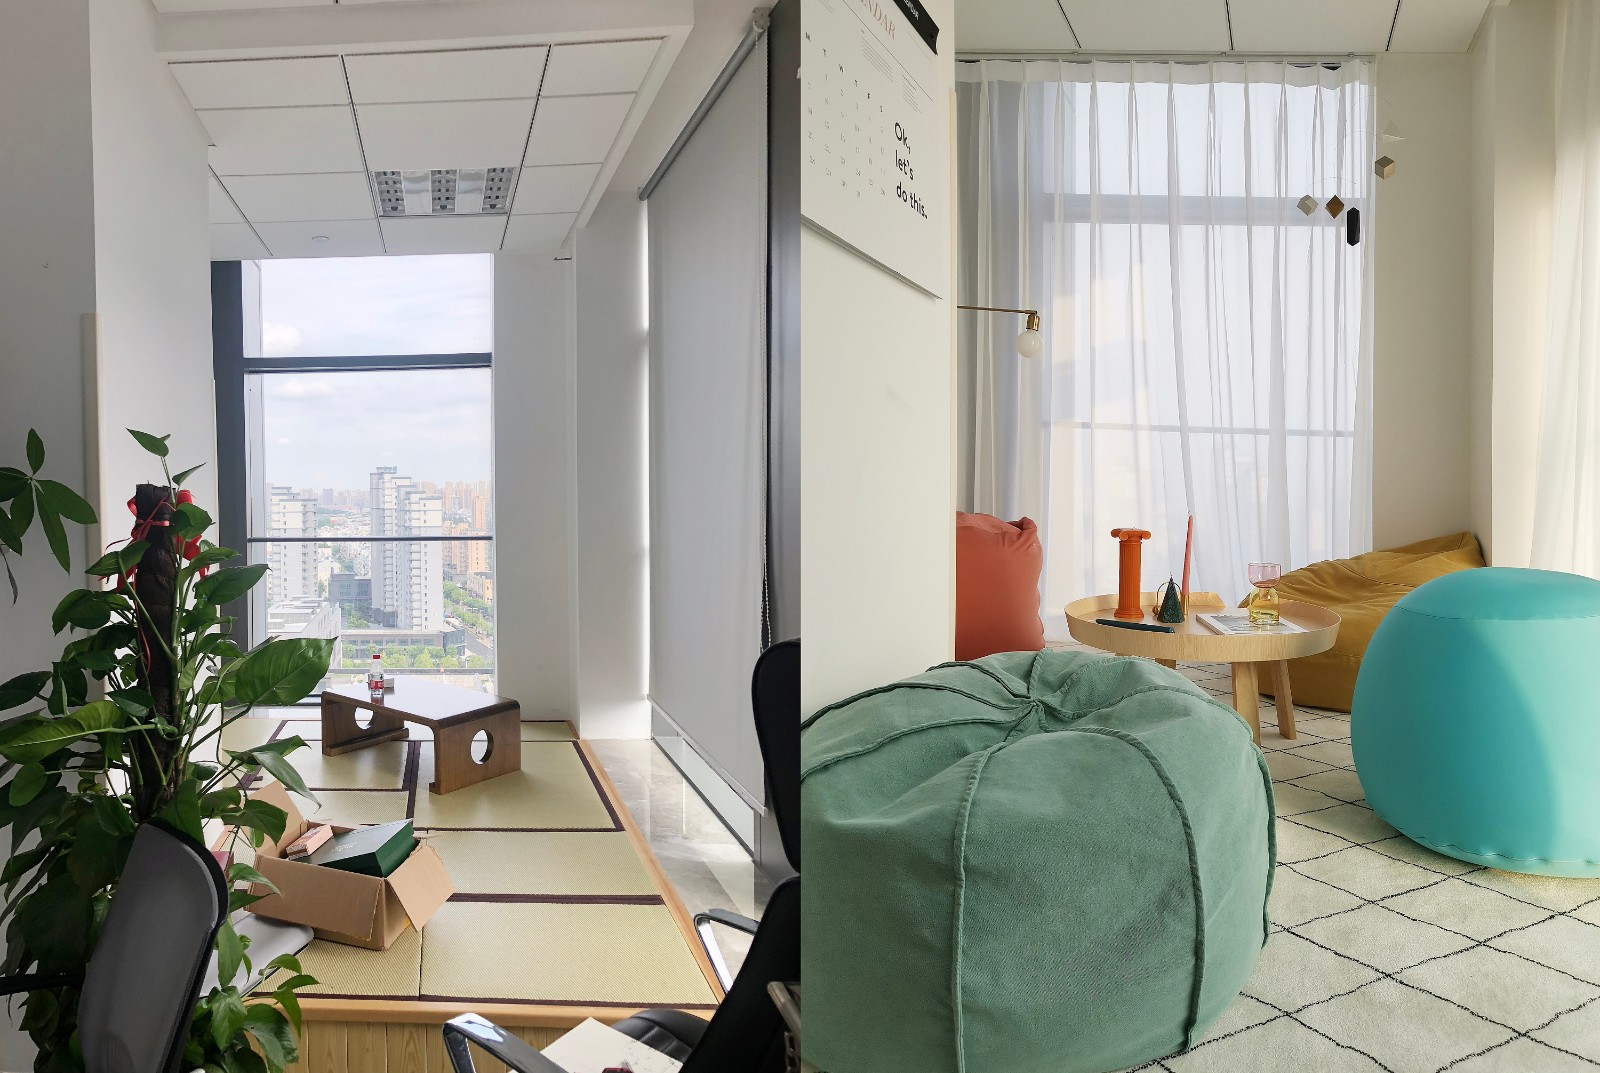 向西班牙鬼才設計師致敬——辦公室改造插图16